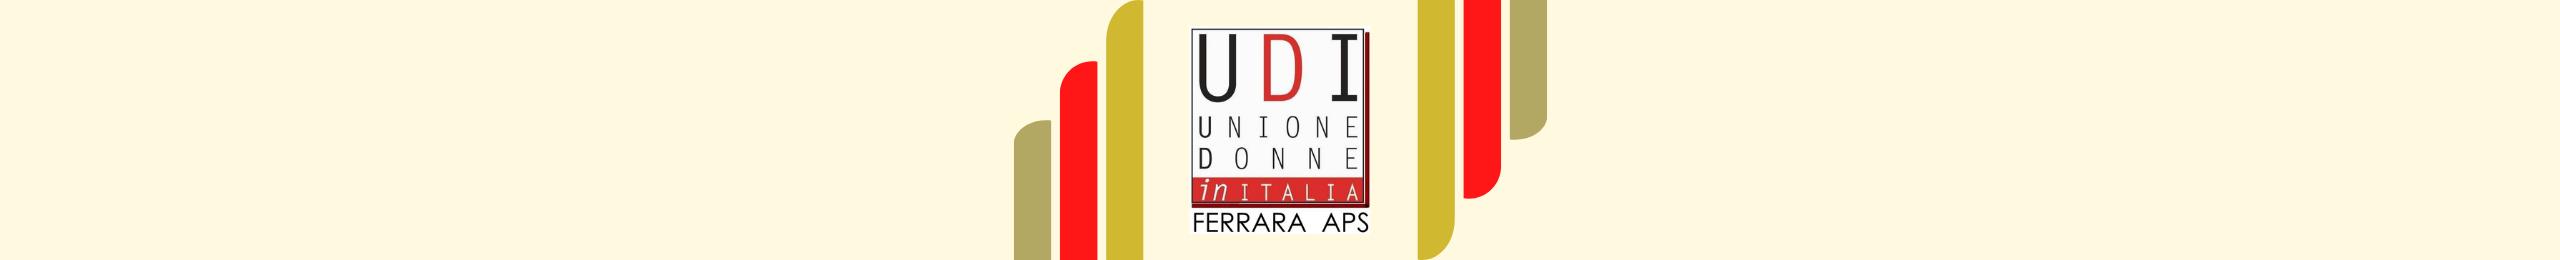 UDI Ferrara